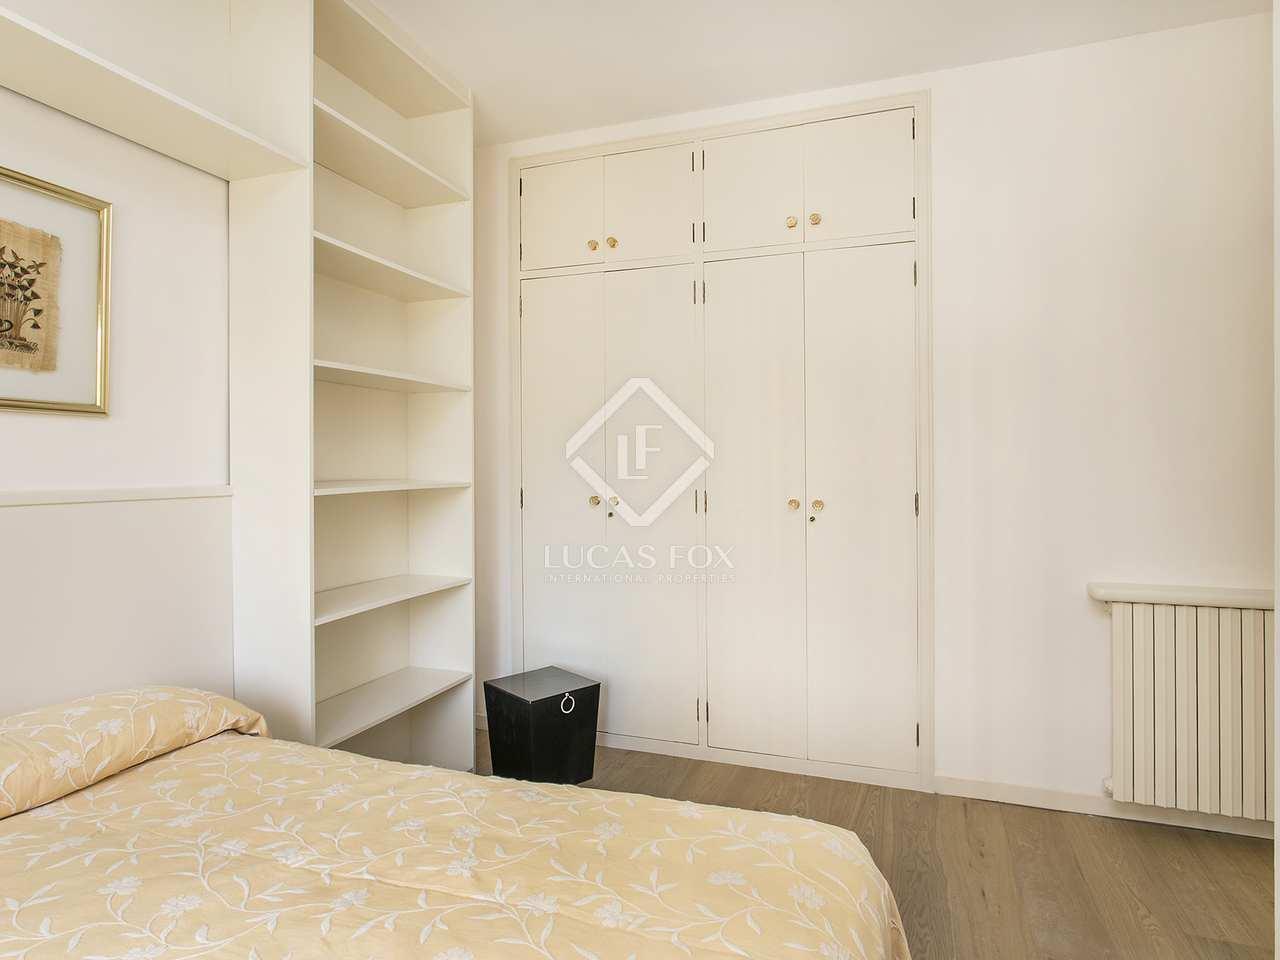 Apartamento de 170 m en alquiler en les corts barcelona for Alquiler de dormitorios